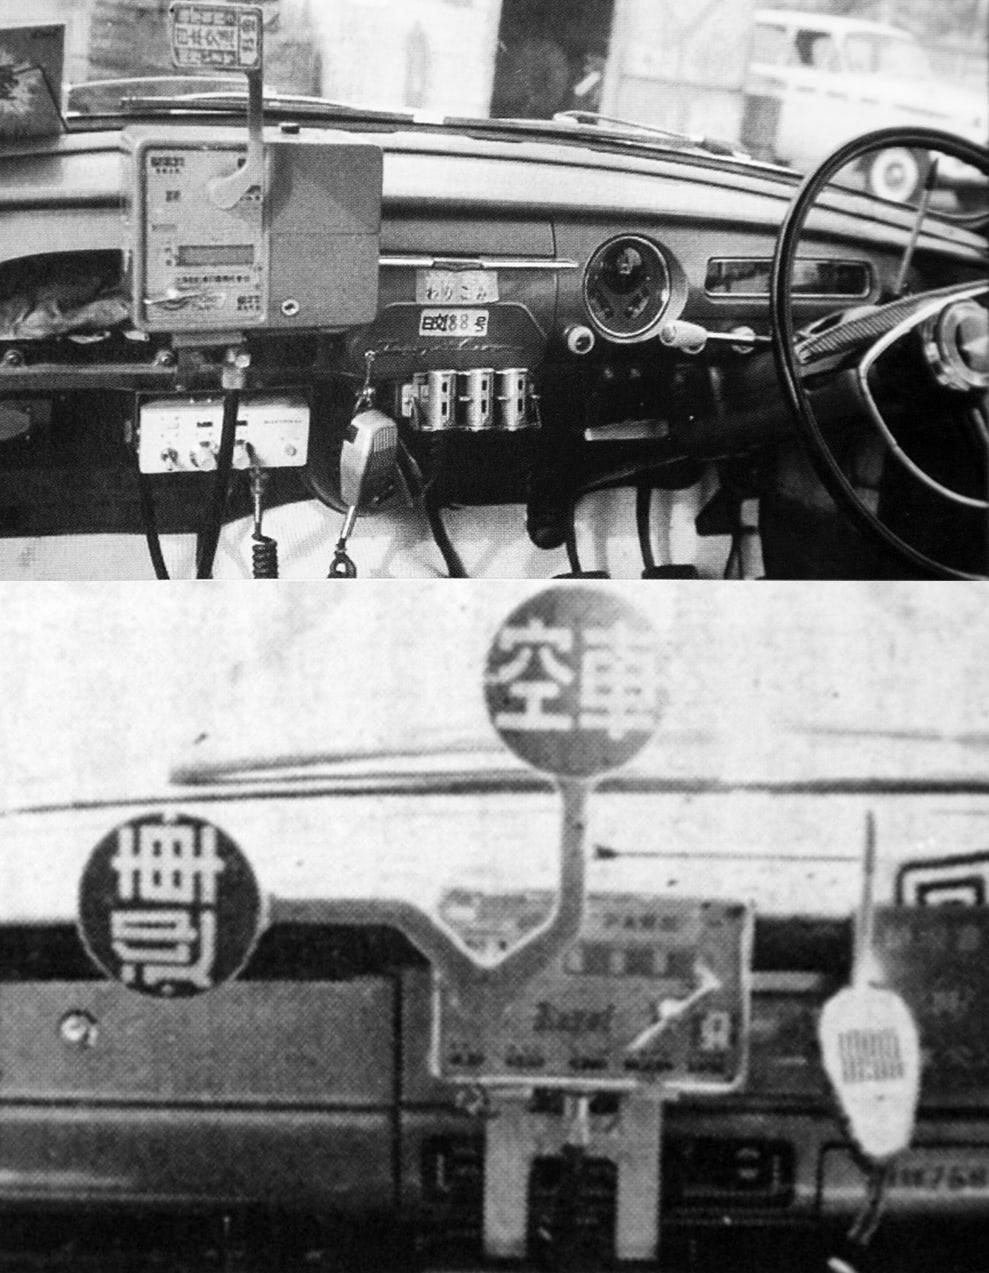 タクシー 料金メーター